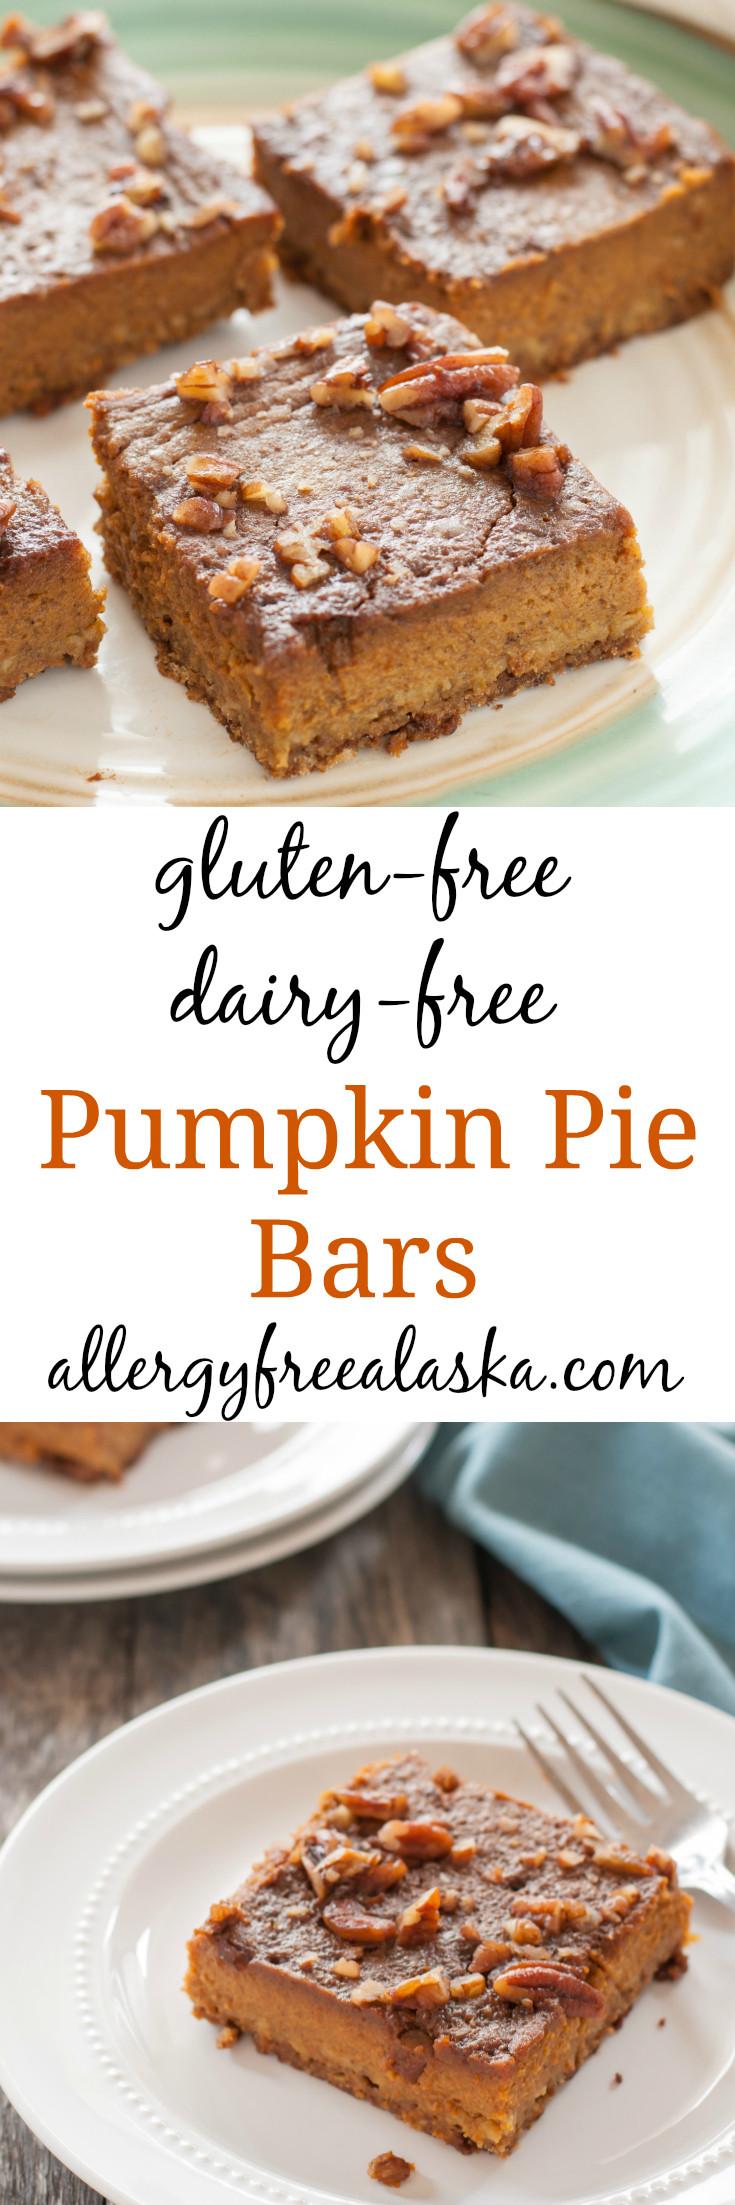 Pumpkin Pie Recipe Dairy Free  gluten free dairy free pumpkin pie bar recipe from allergy